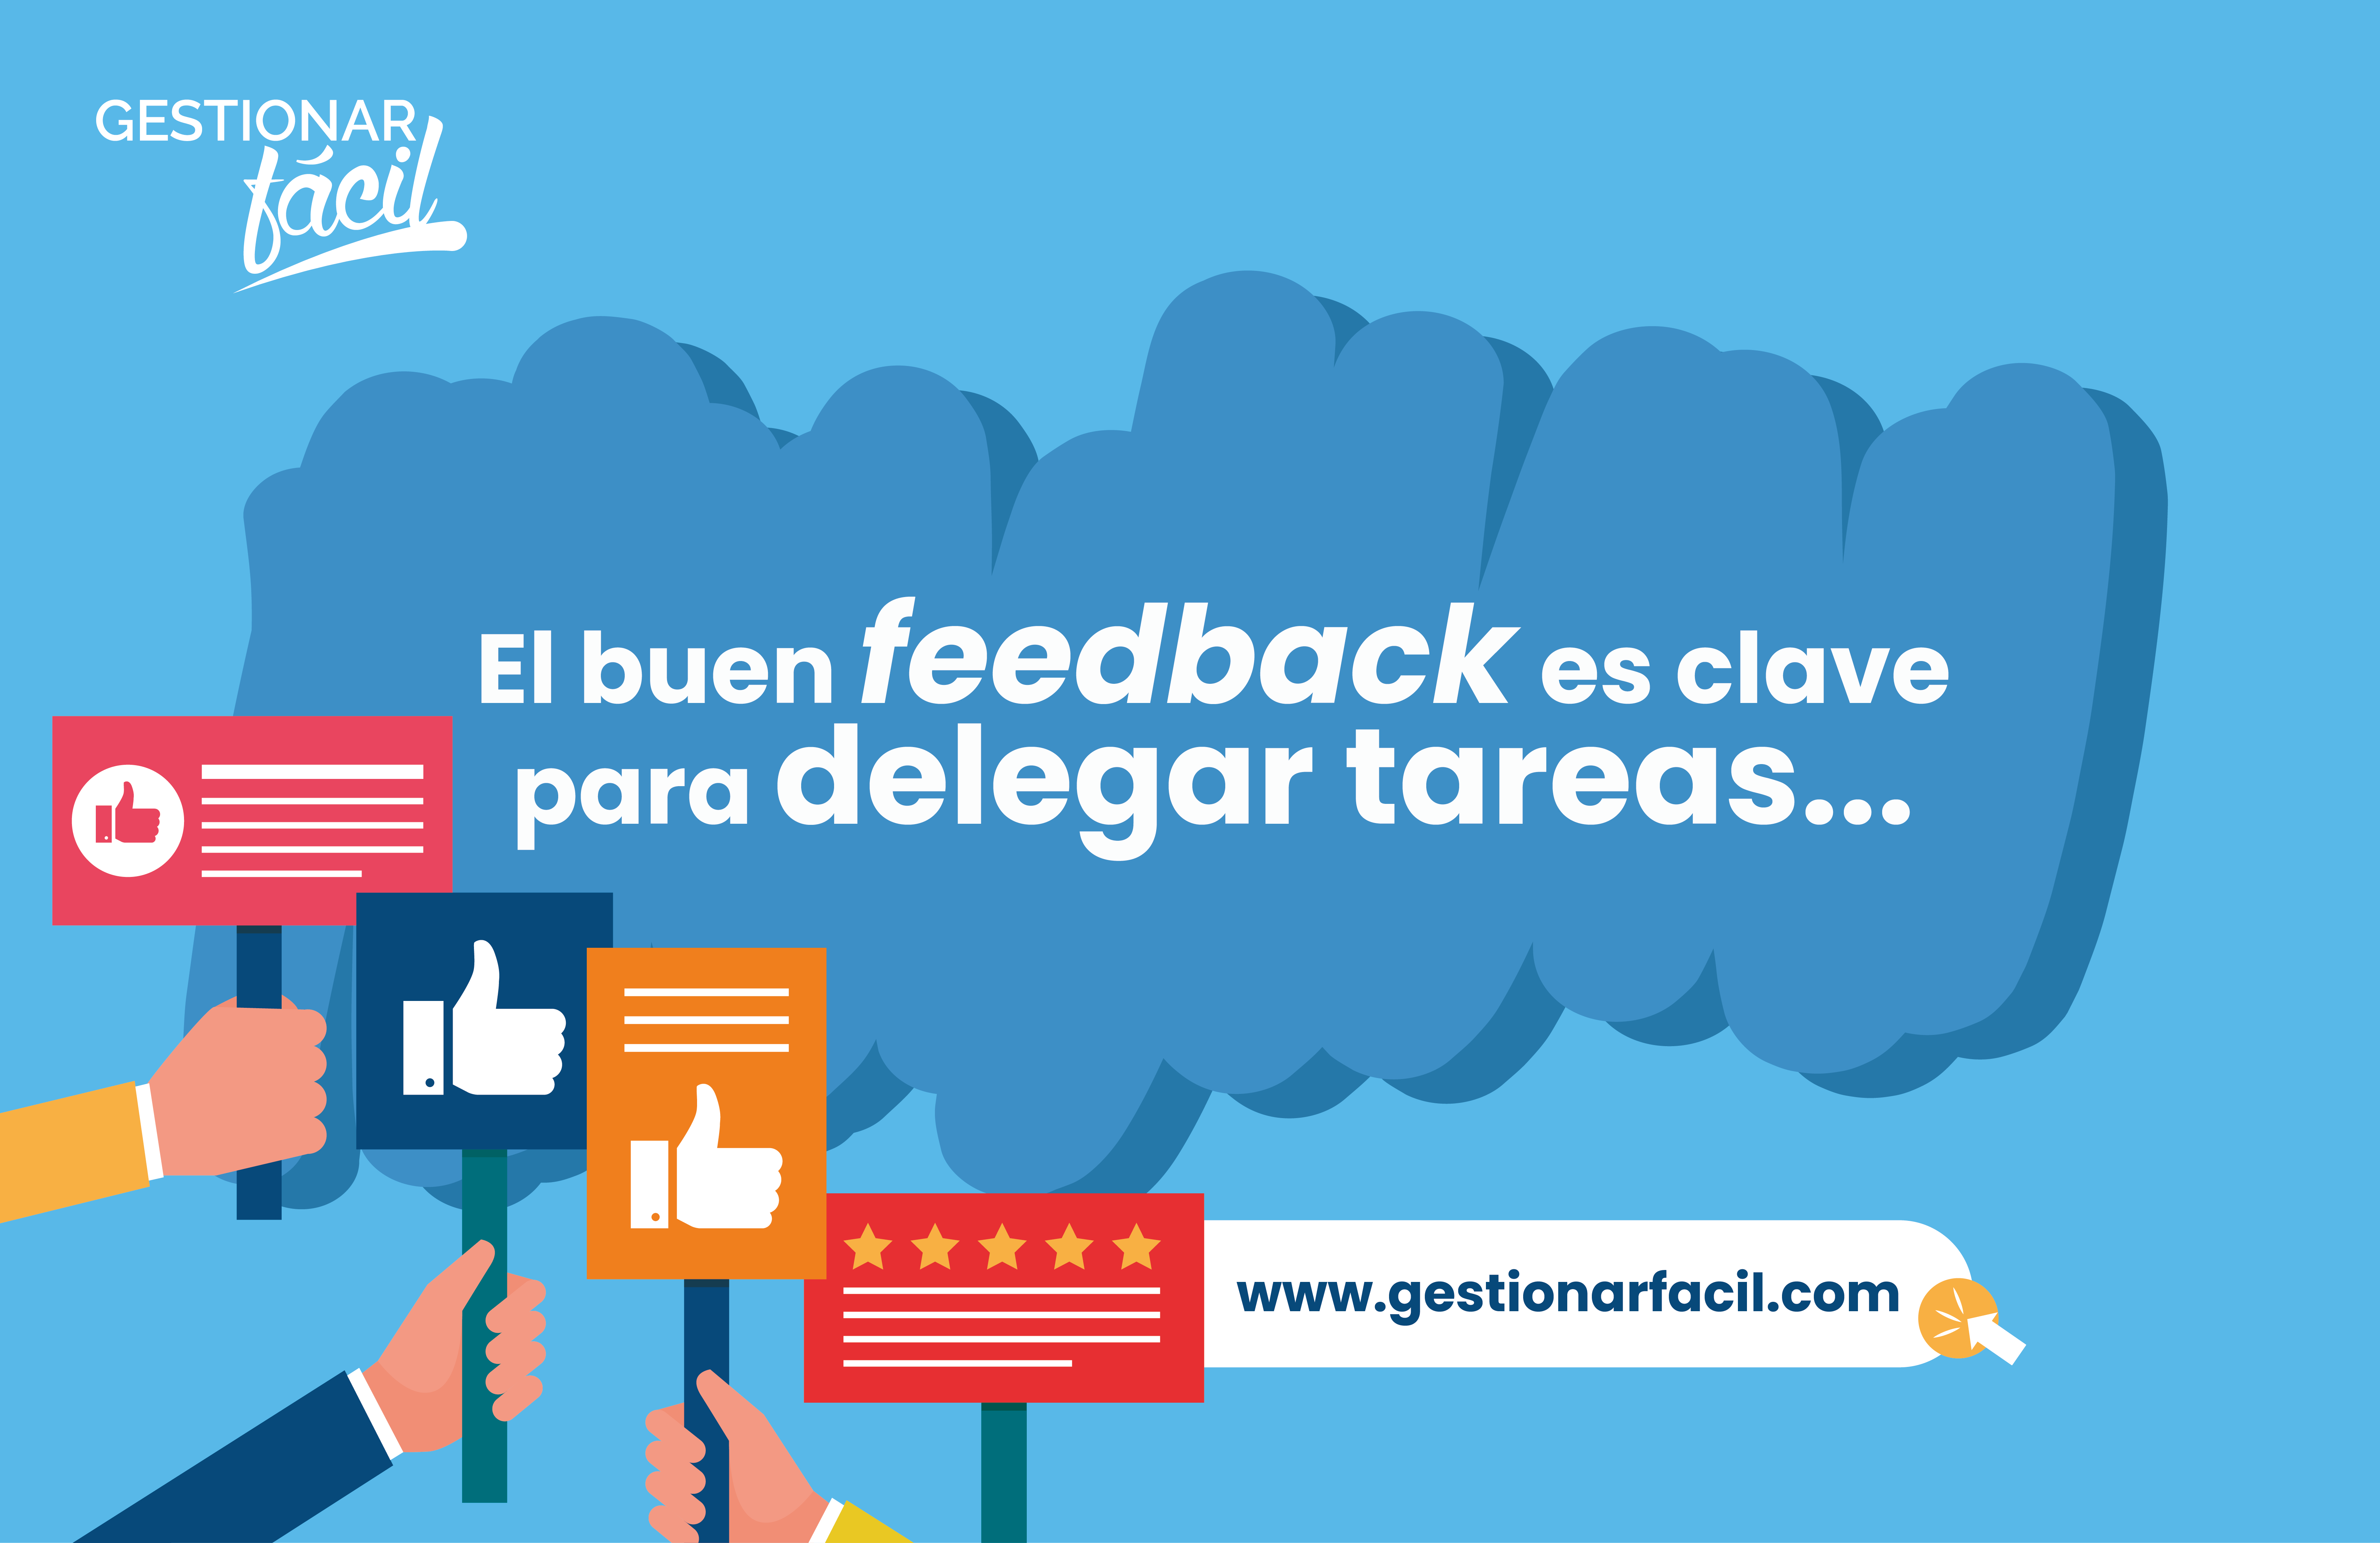 El buen feedback es clave para delegar tareas...